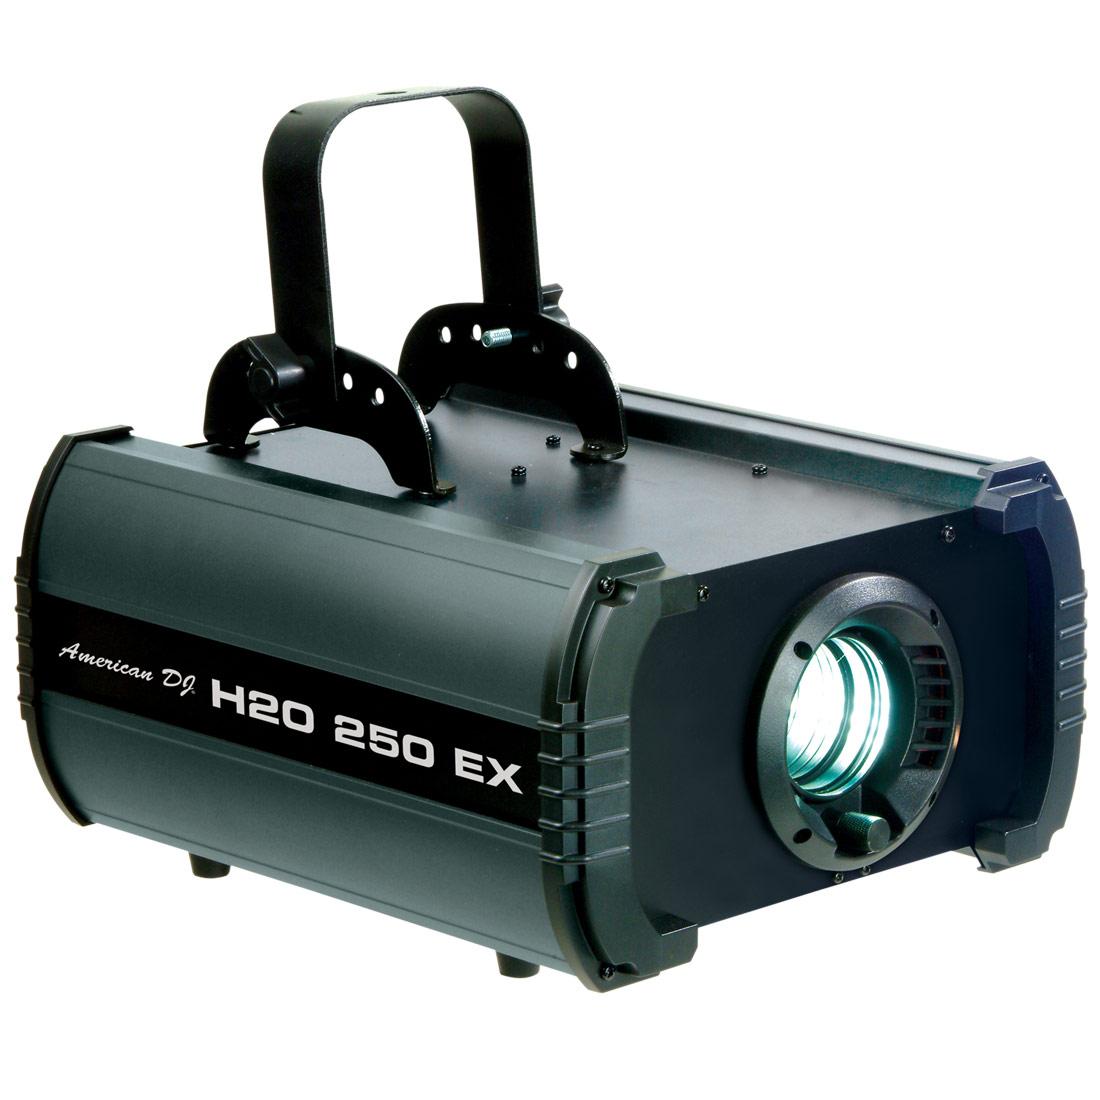 H2O 250 EX